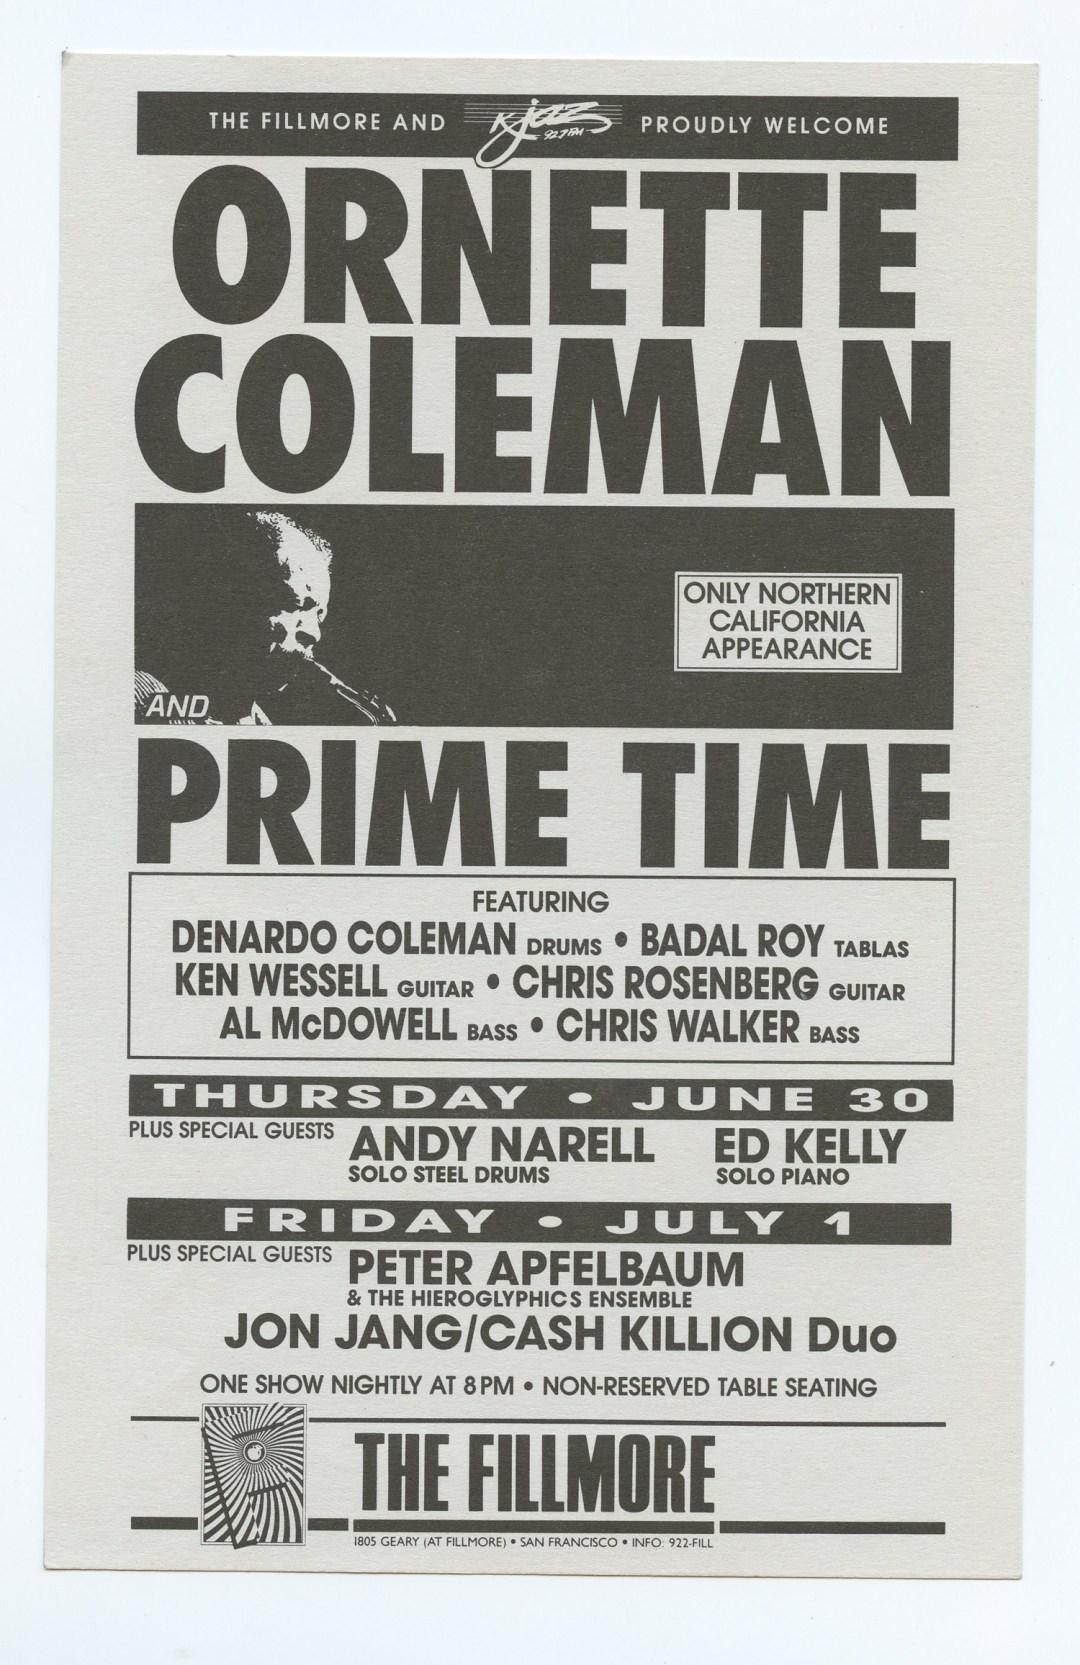 New Fillmore F030 Handbill Ornette Coleman and Prime Time 1988 Jun 30